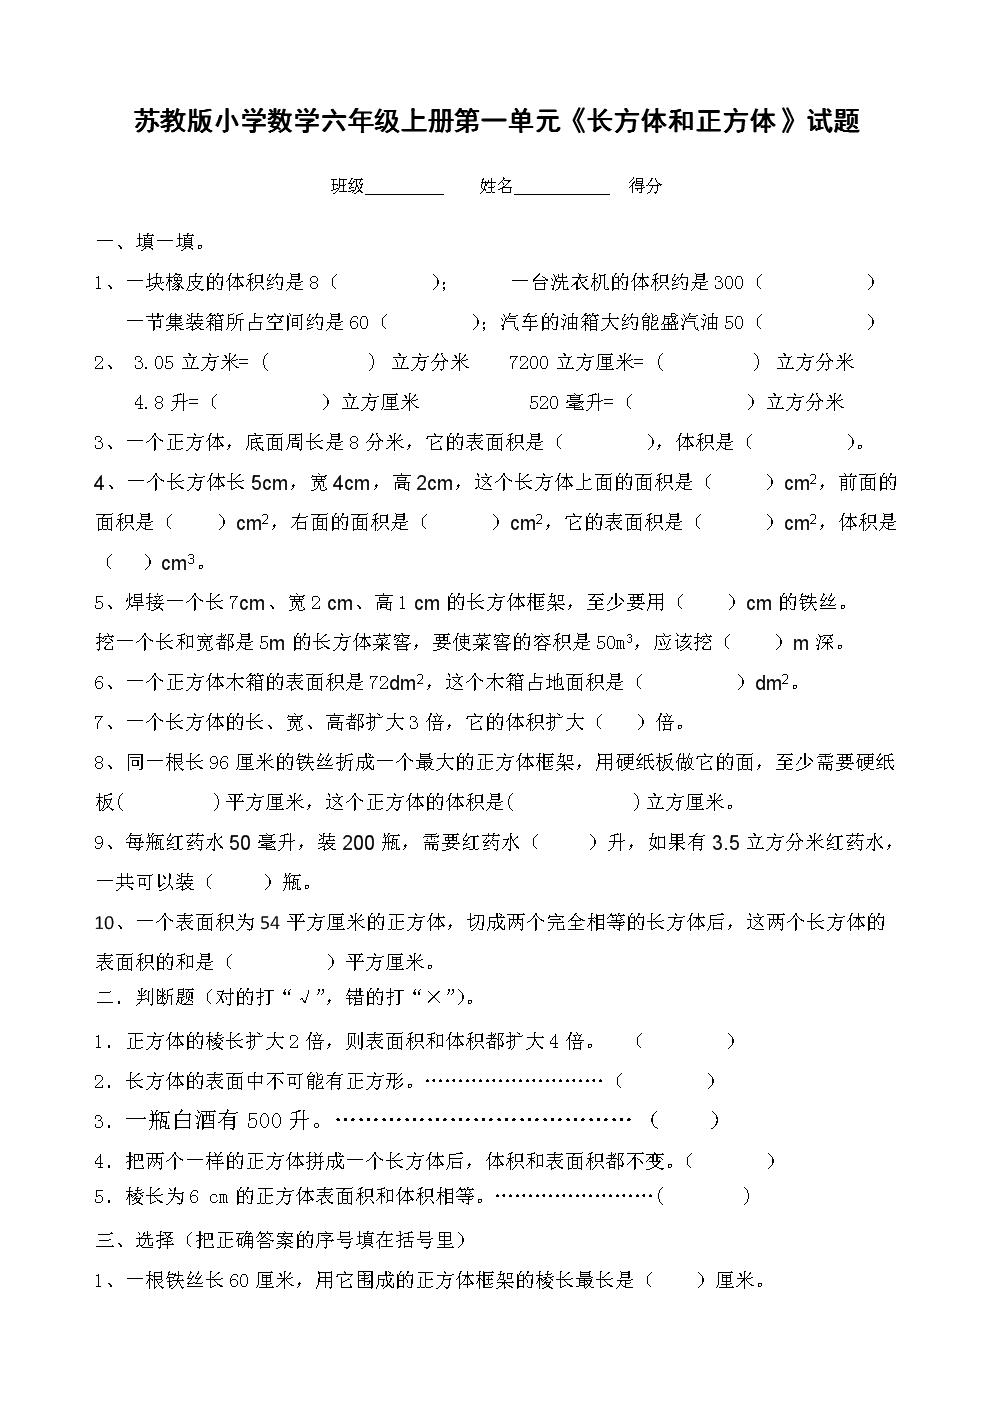 苏教版小学数学六年级上册单元试题全册2017年用.doc